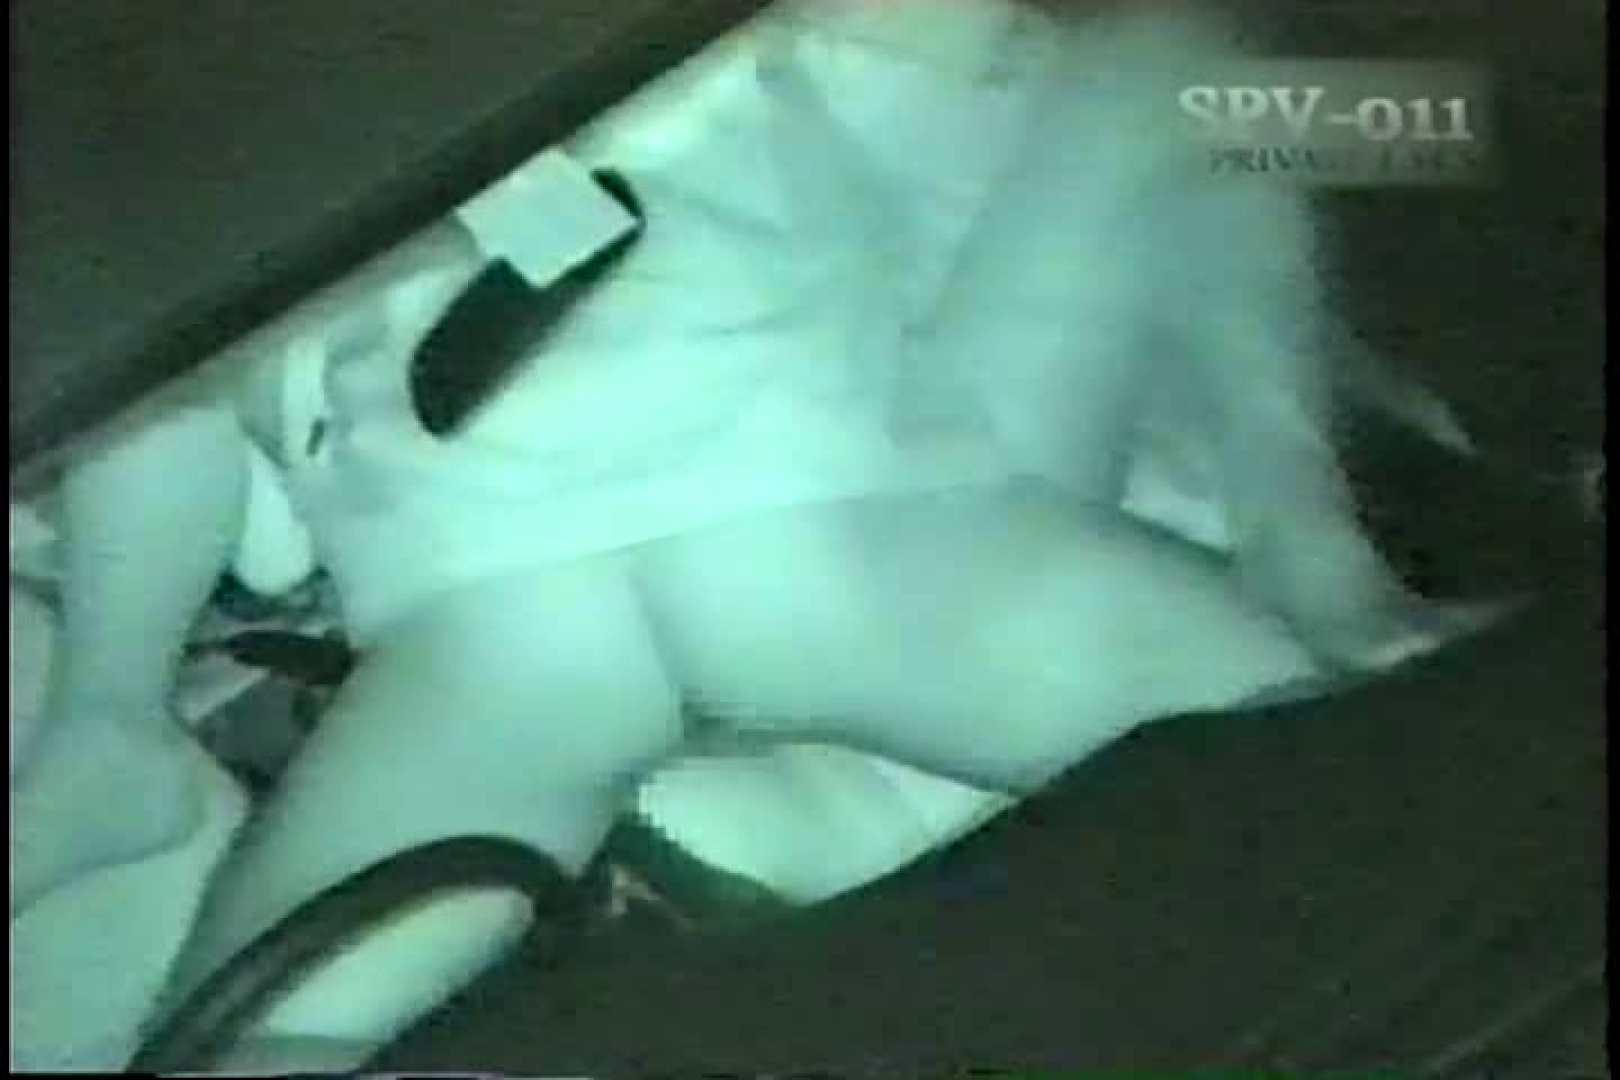 高画質版!SPD-011 盗撮 カーセックス黙示録 (VHS) 名作 盗み撮りSEX無修正画像 104連発 94